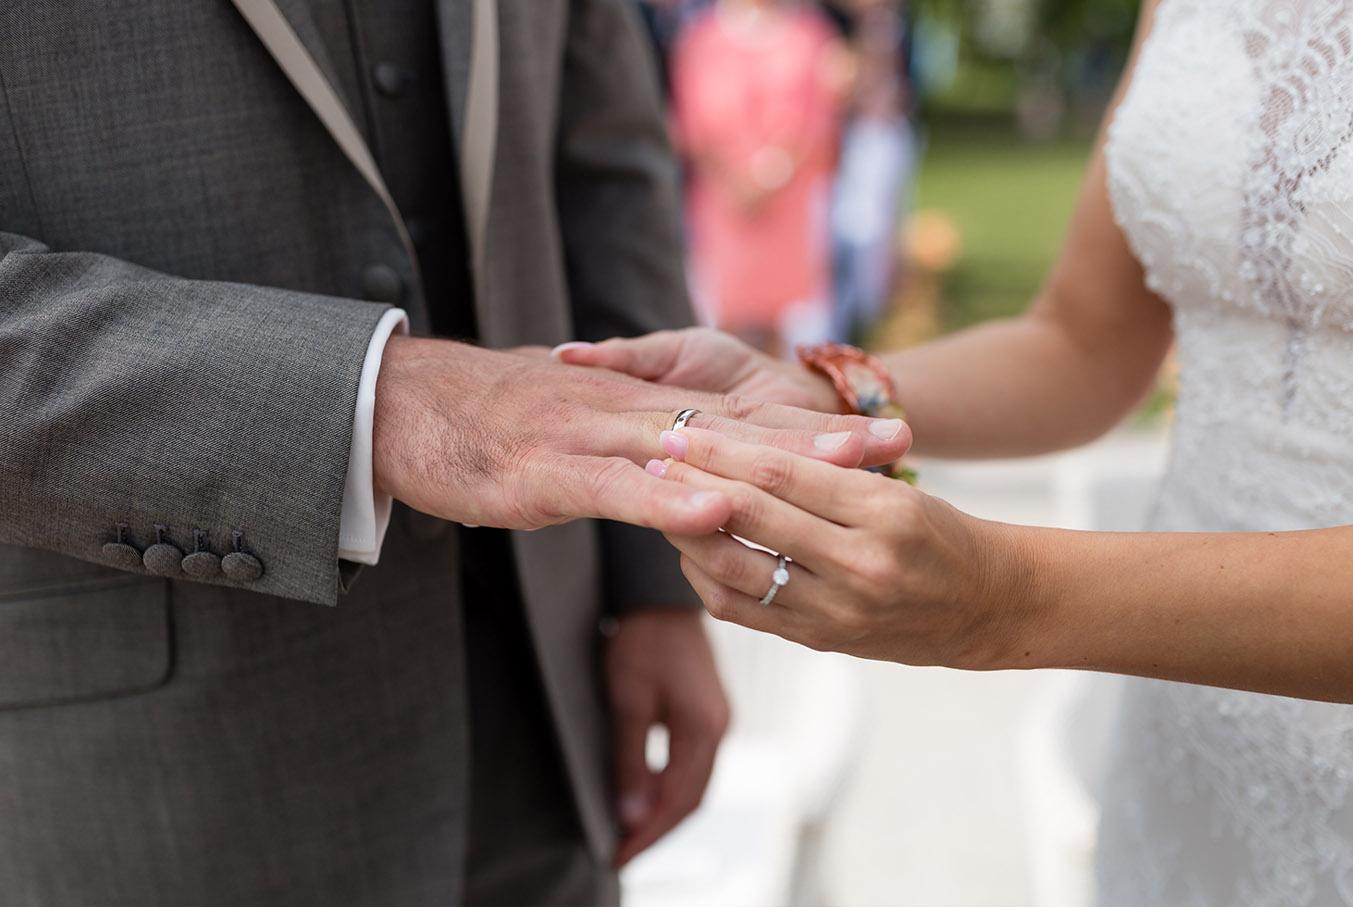 Vienna_Wien_Atzenbrugg_Hochzeit_Paar_Verlobung_Engagement_46